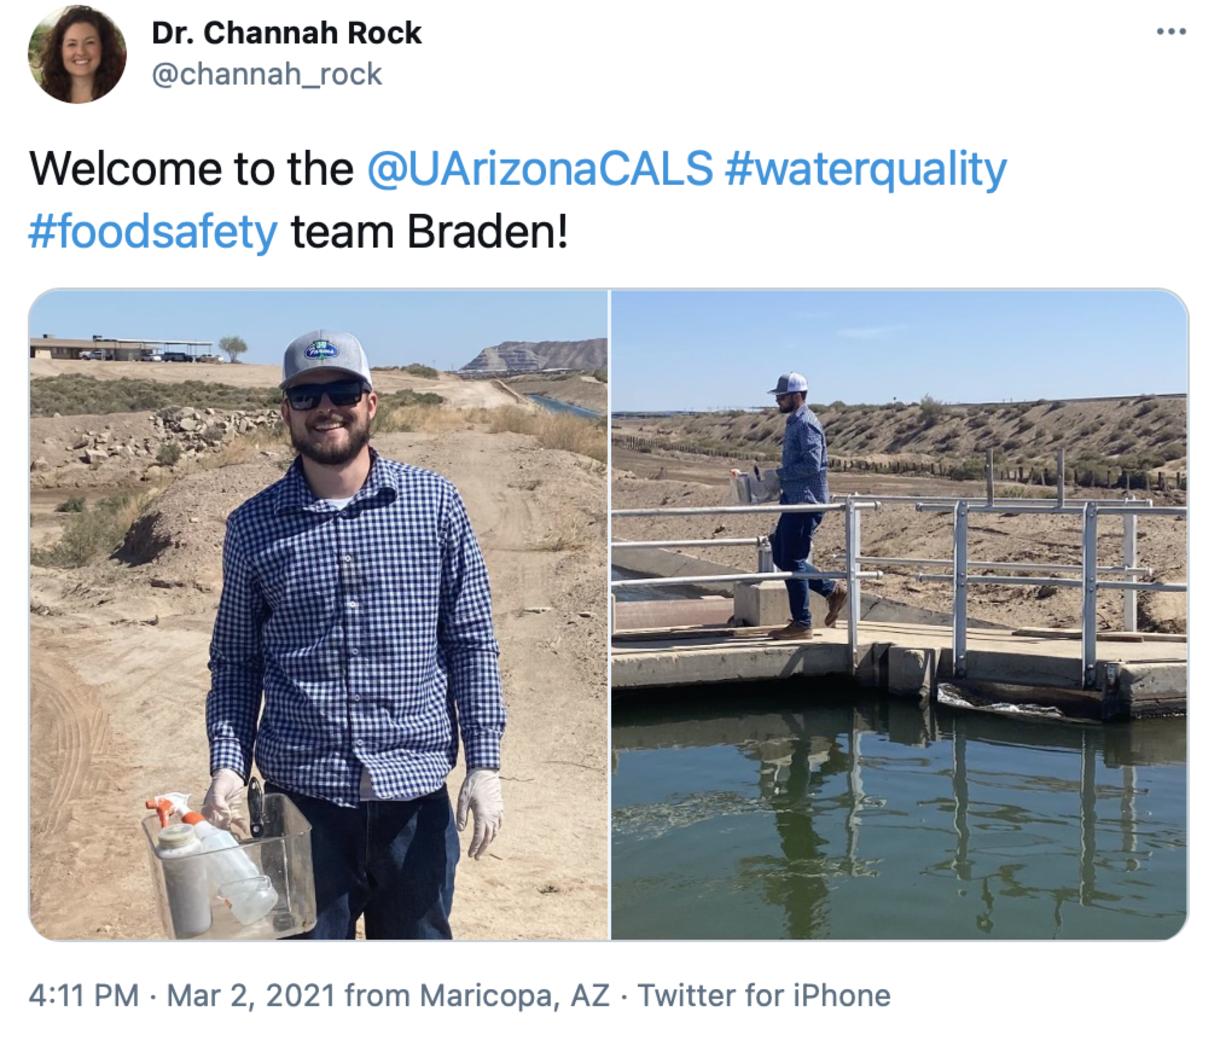 Rock welcomes Braden